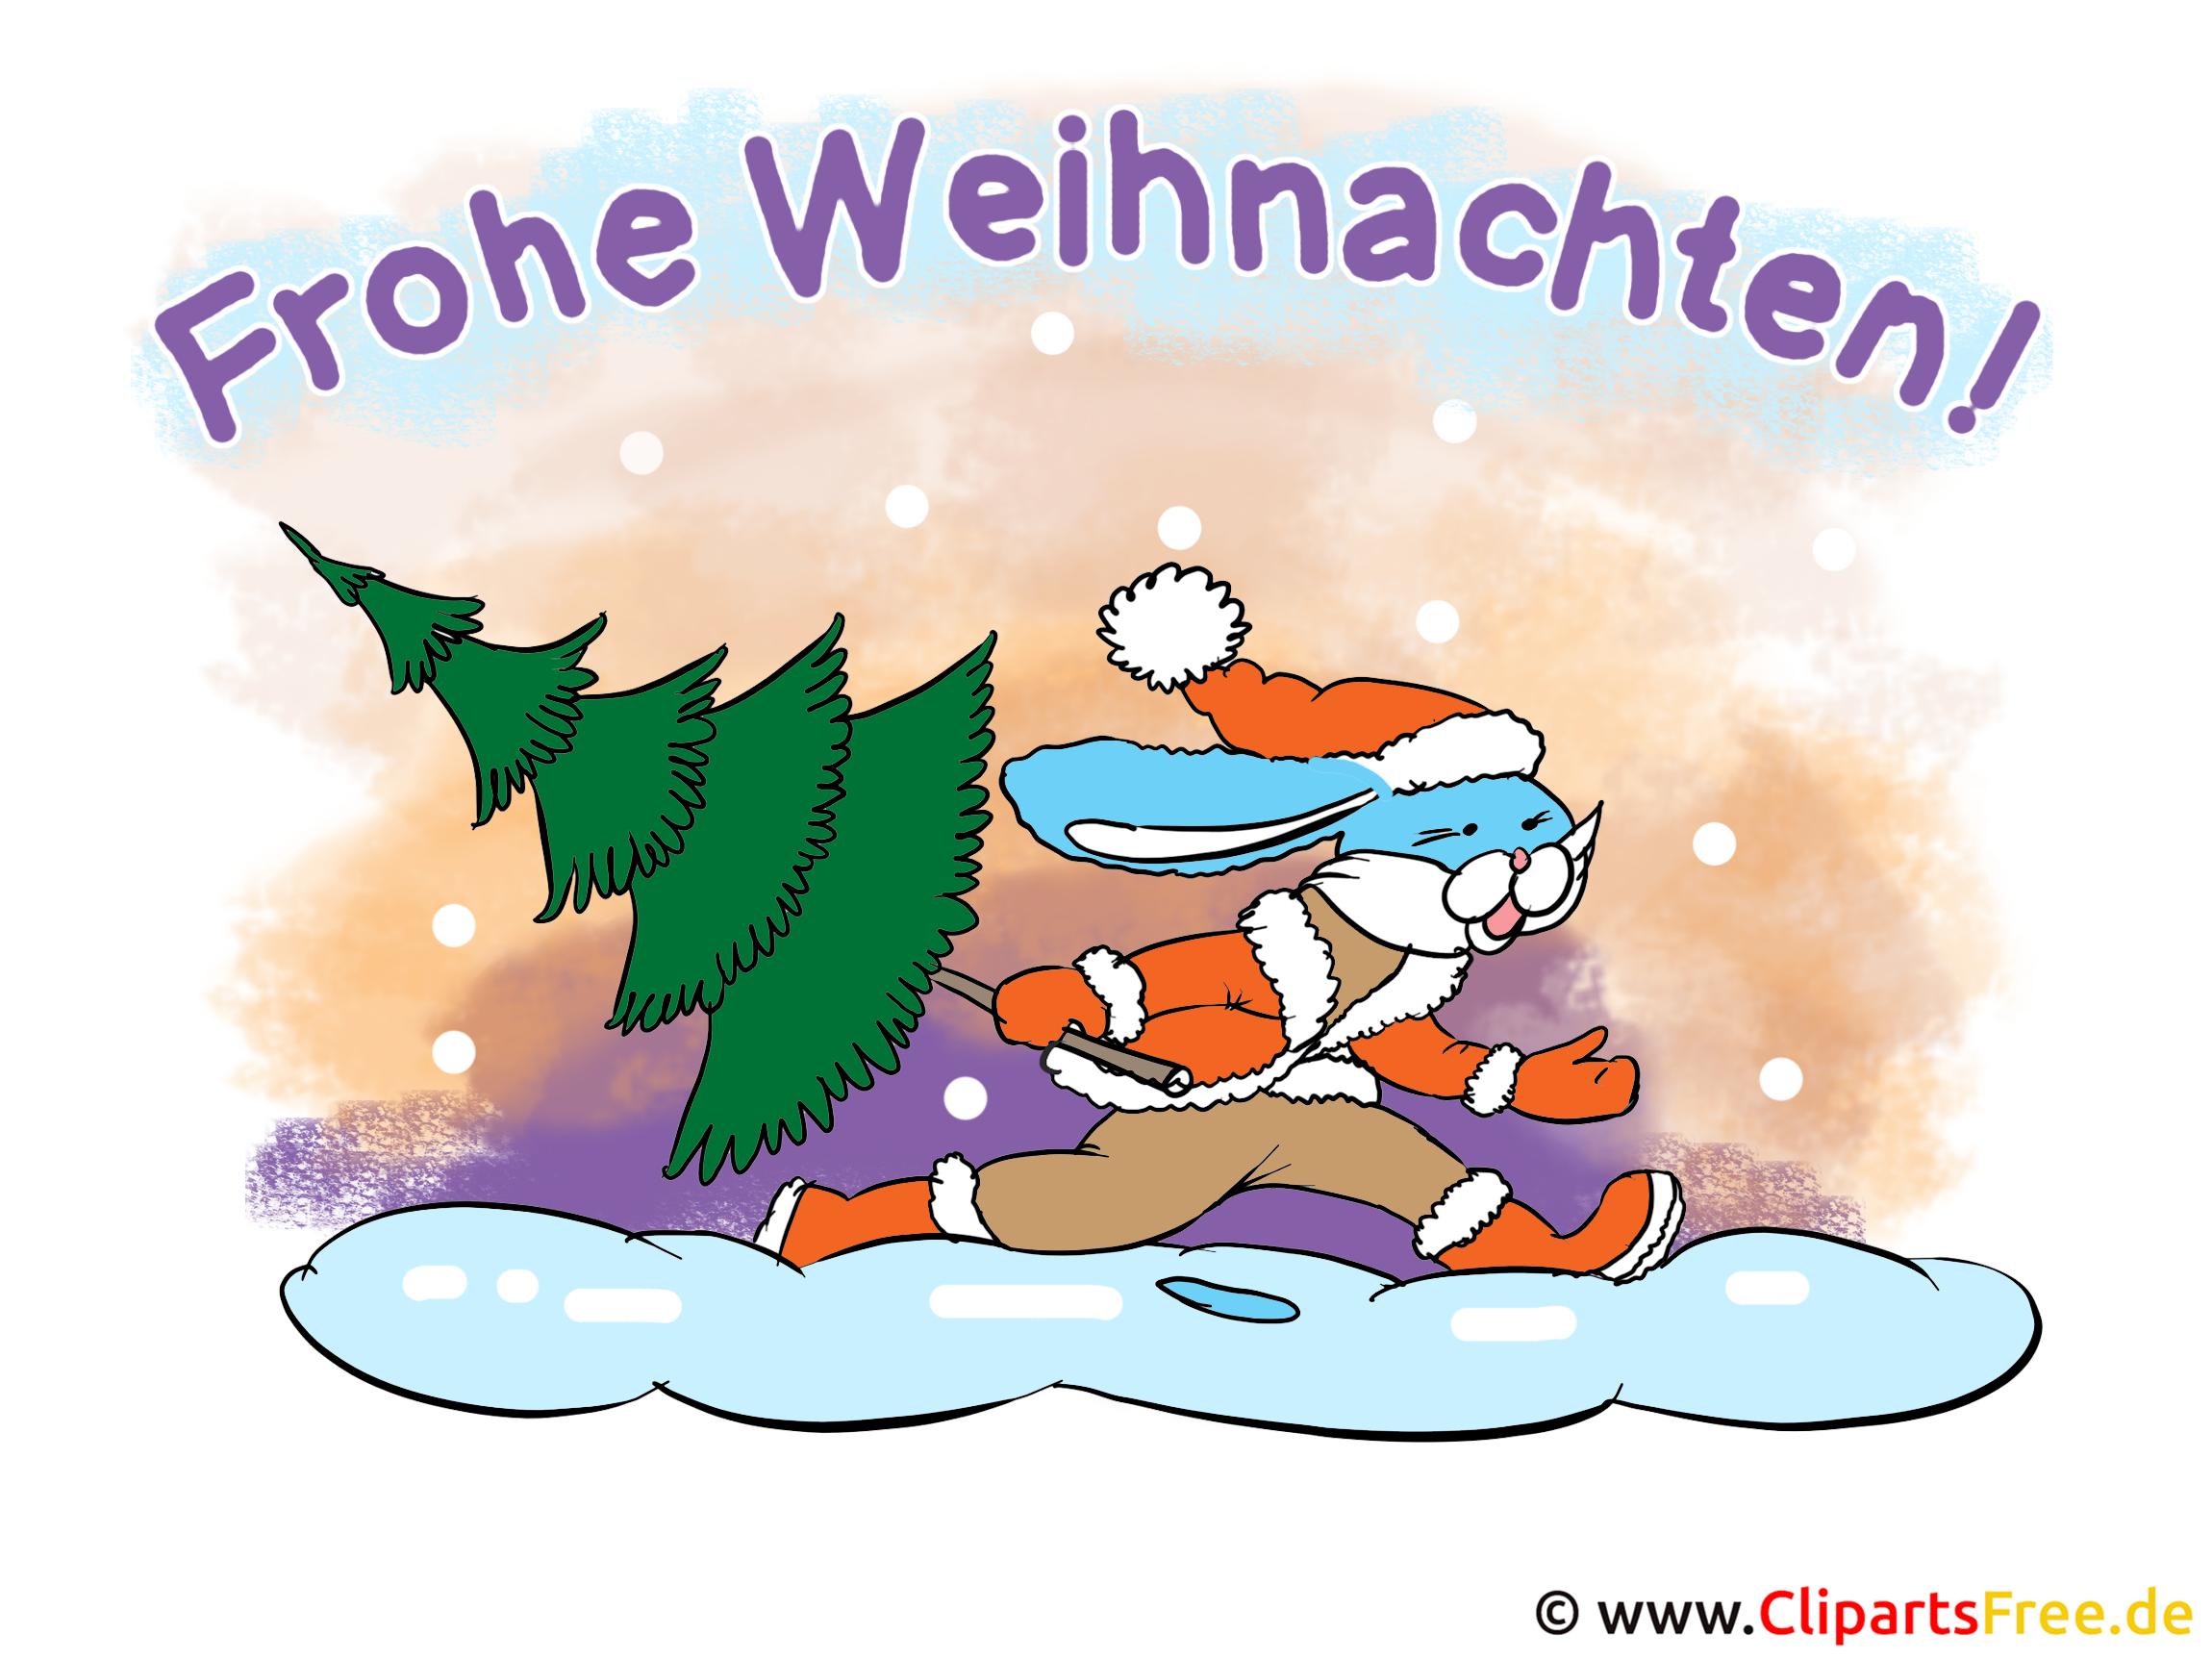 Bilder für Weihnachten zum Herunterladen